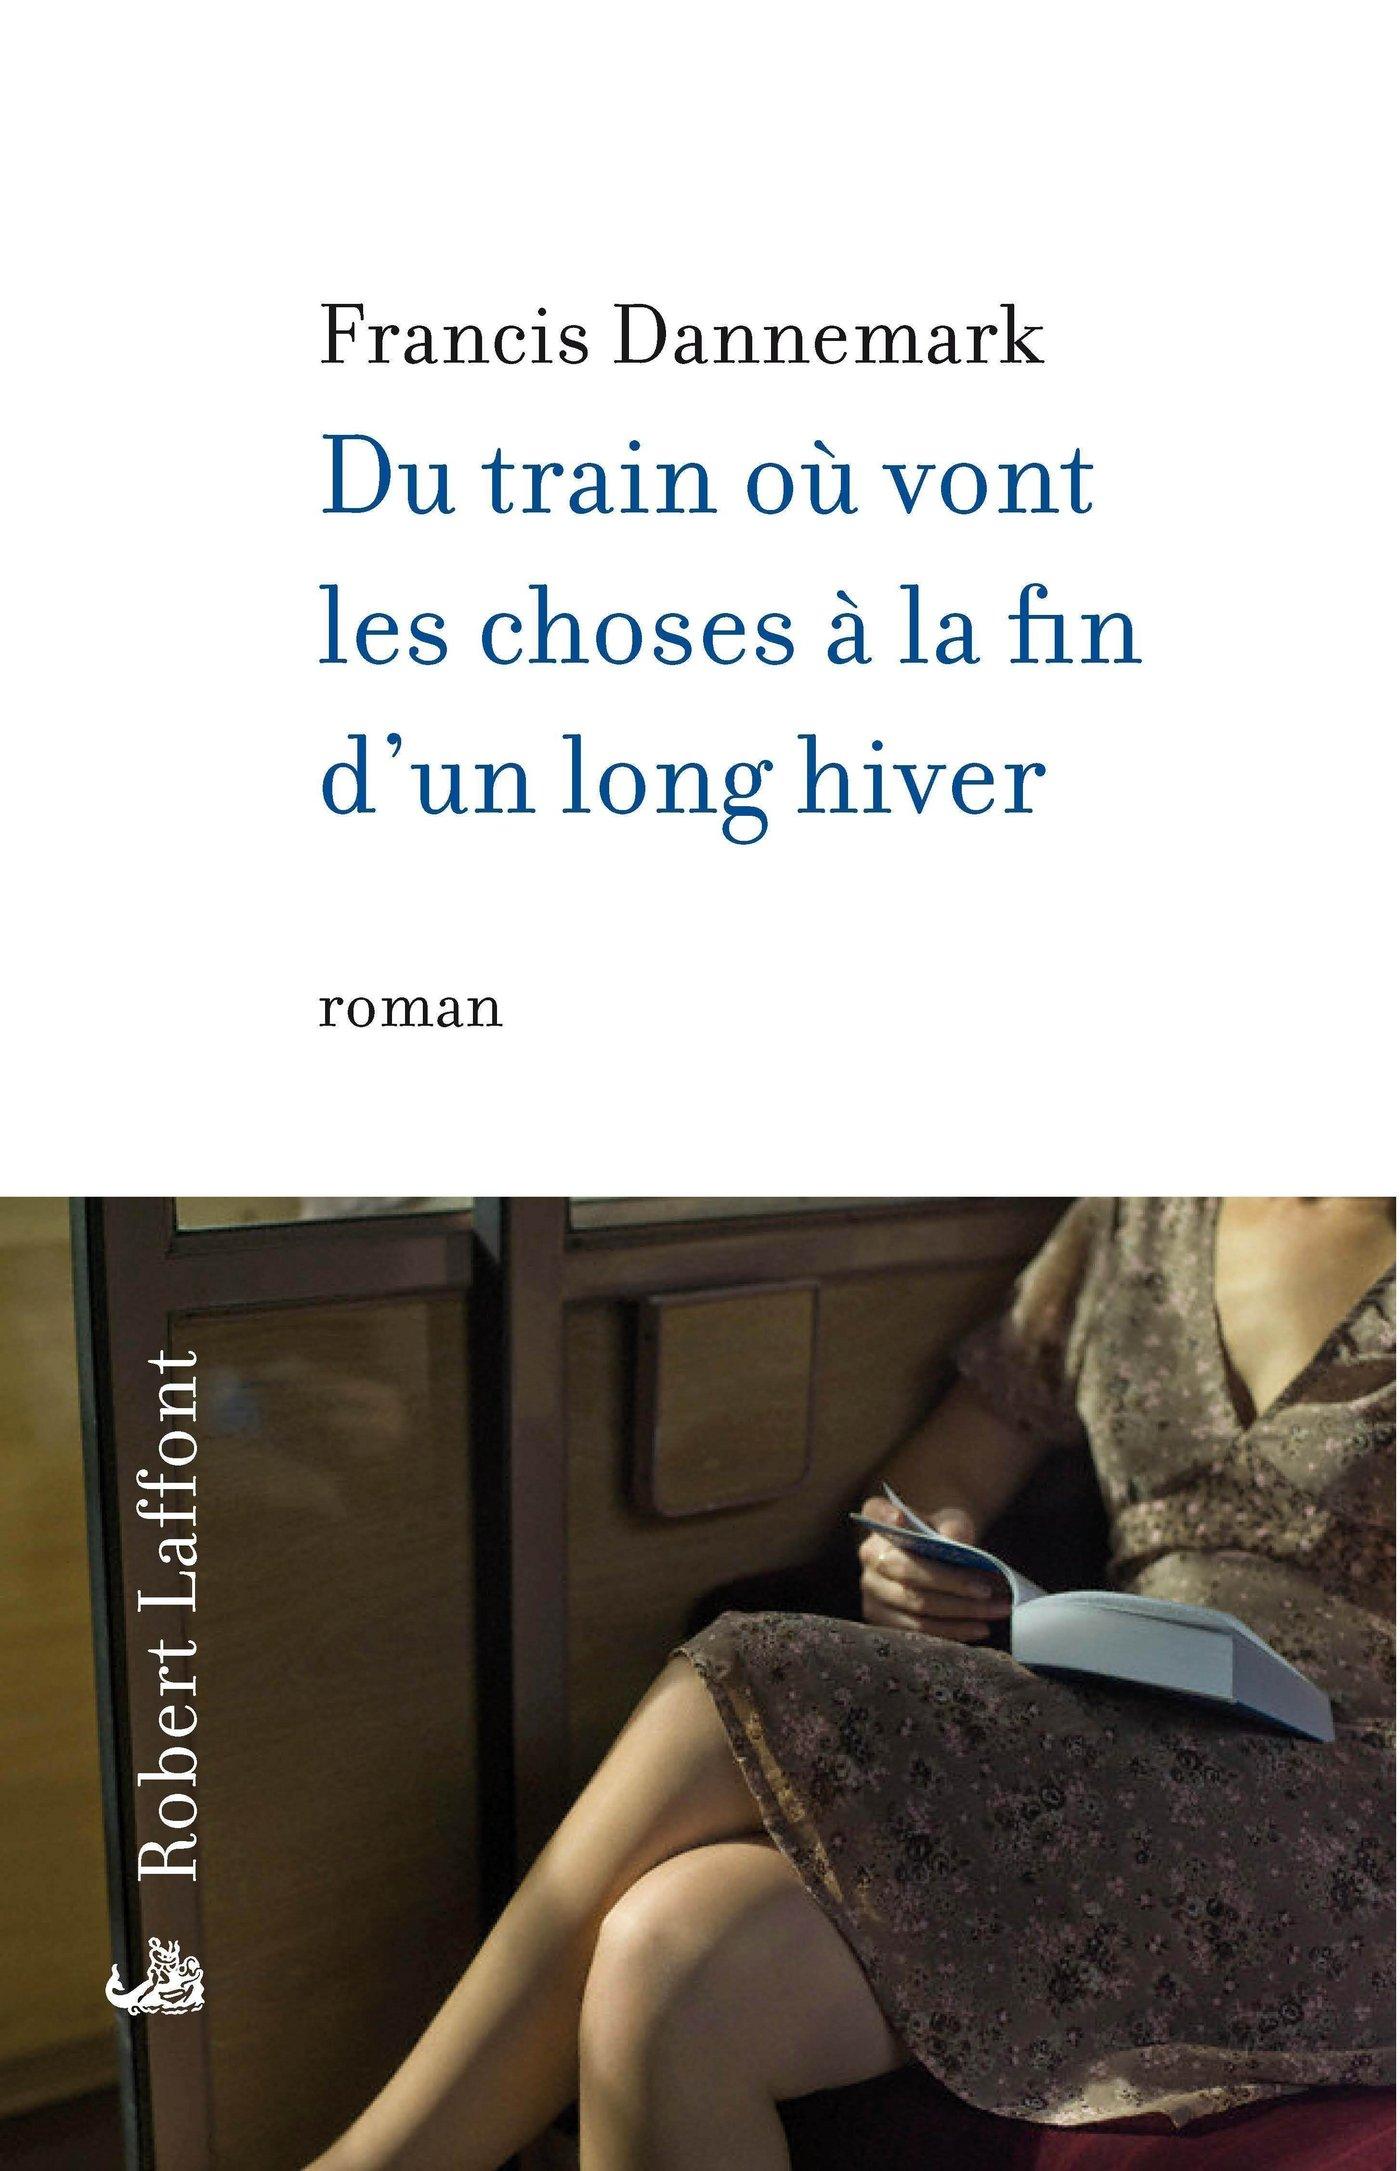 Du train où vont les choses à la fin d'un long hiver